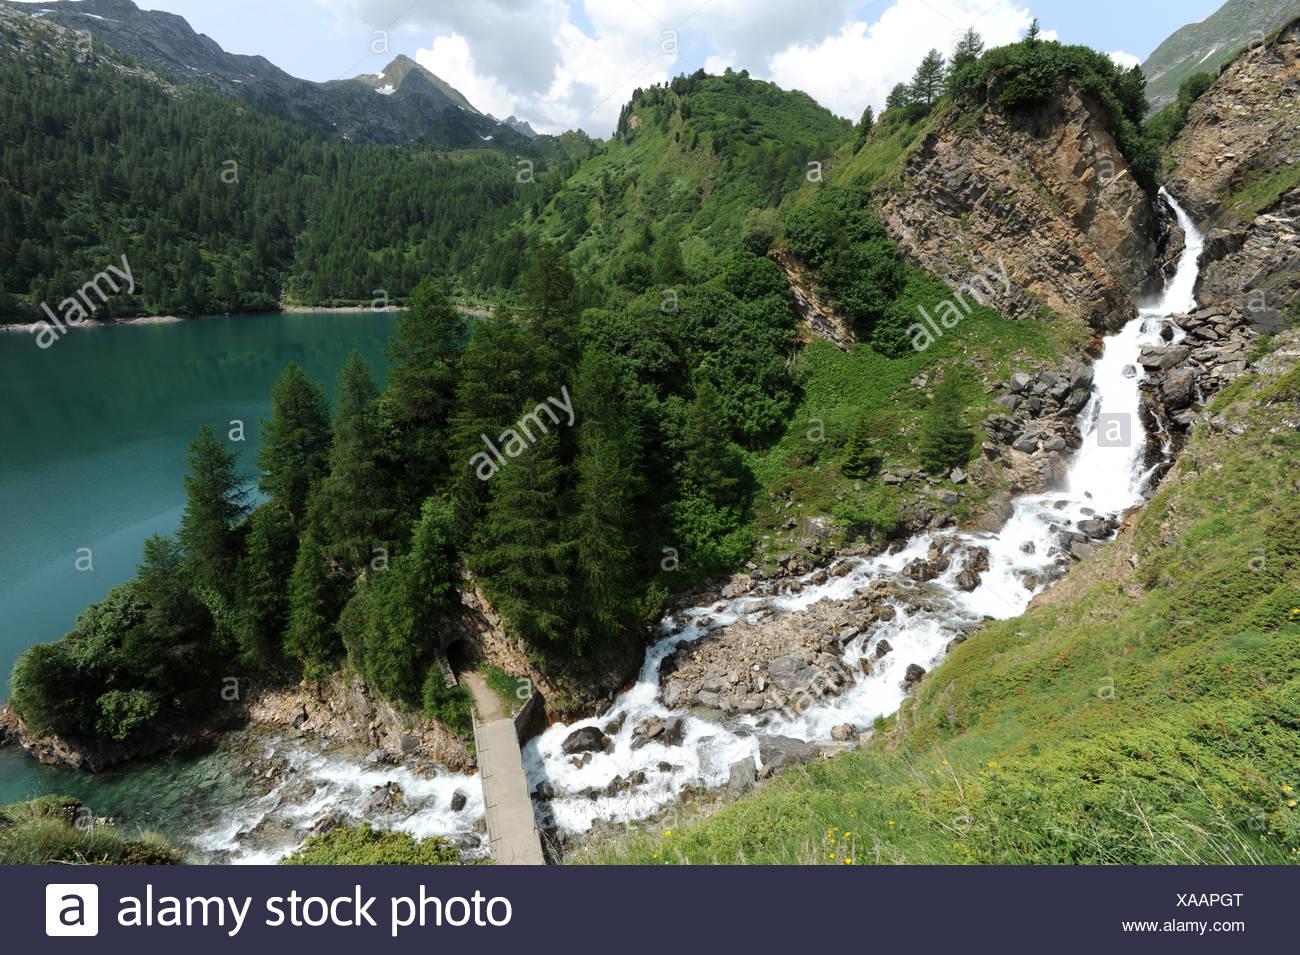 Switzerland, Ticino, Ritom, Piora, waterfall, rock, cliff, lake, scenery Stock Photo